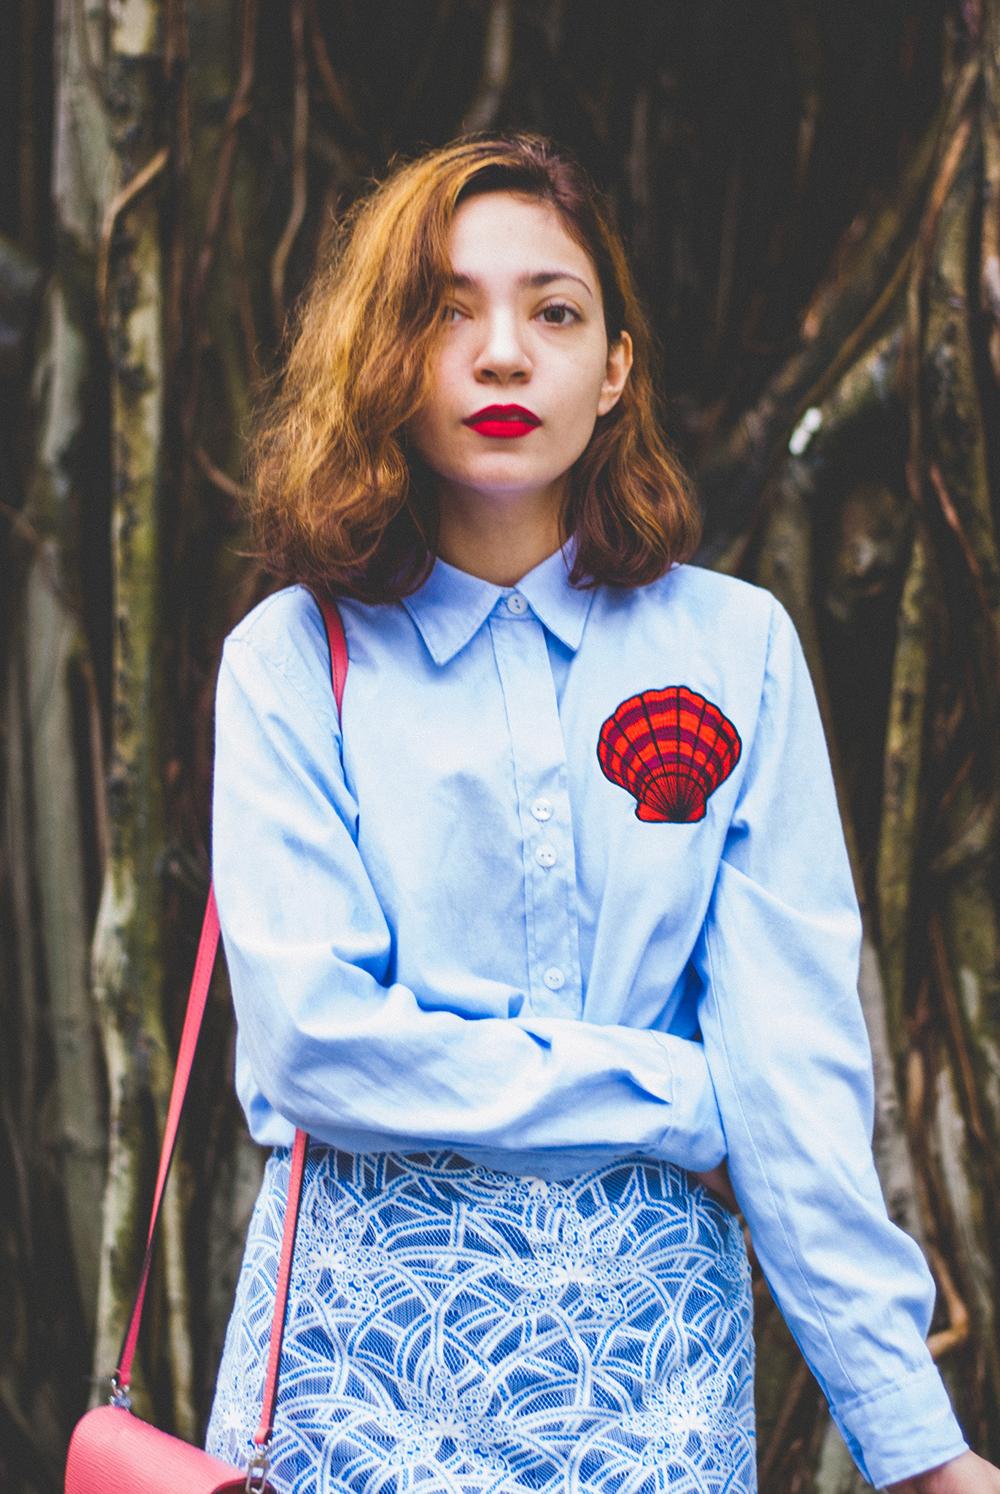 suiteblanco-outfit-alyssa-lapid-1019-3